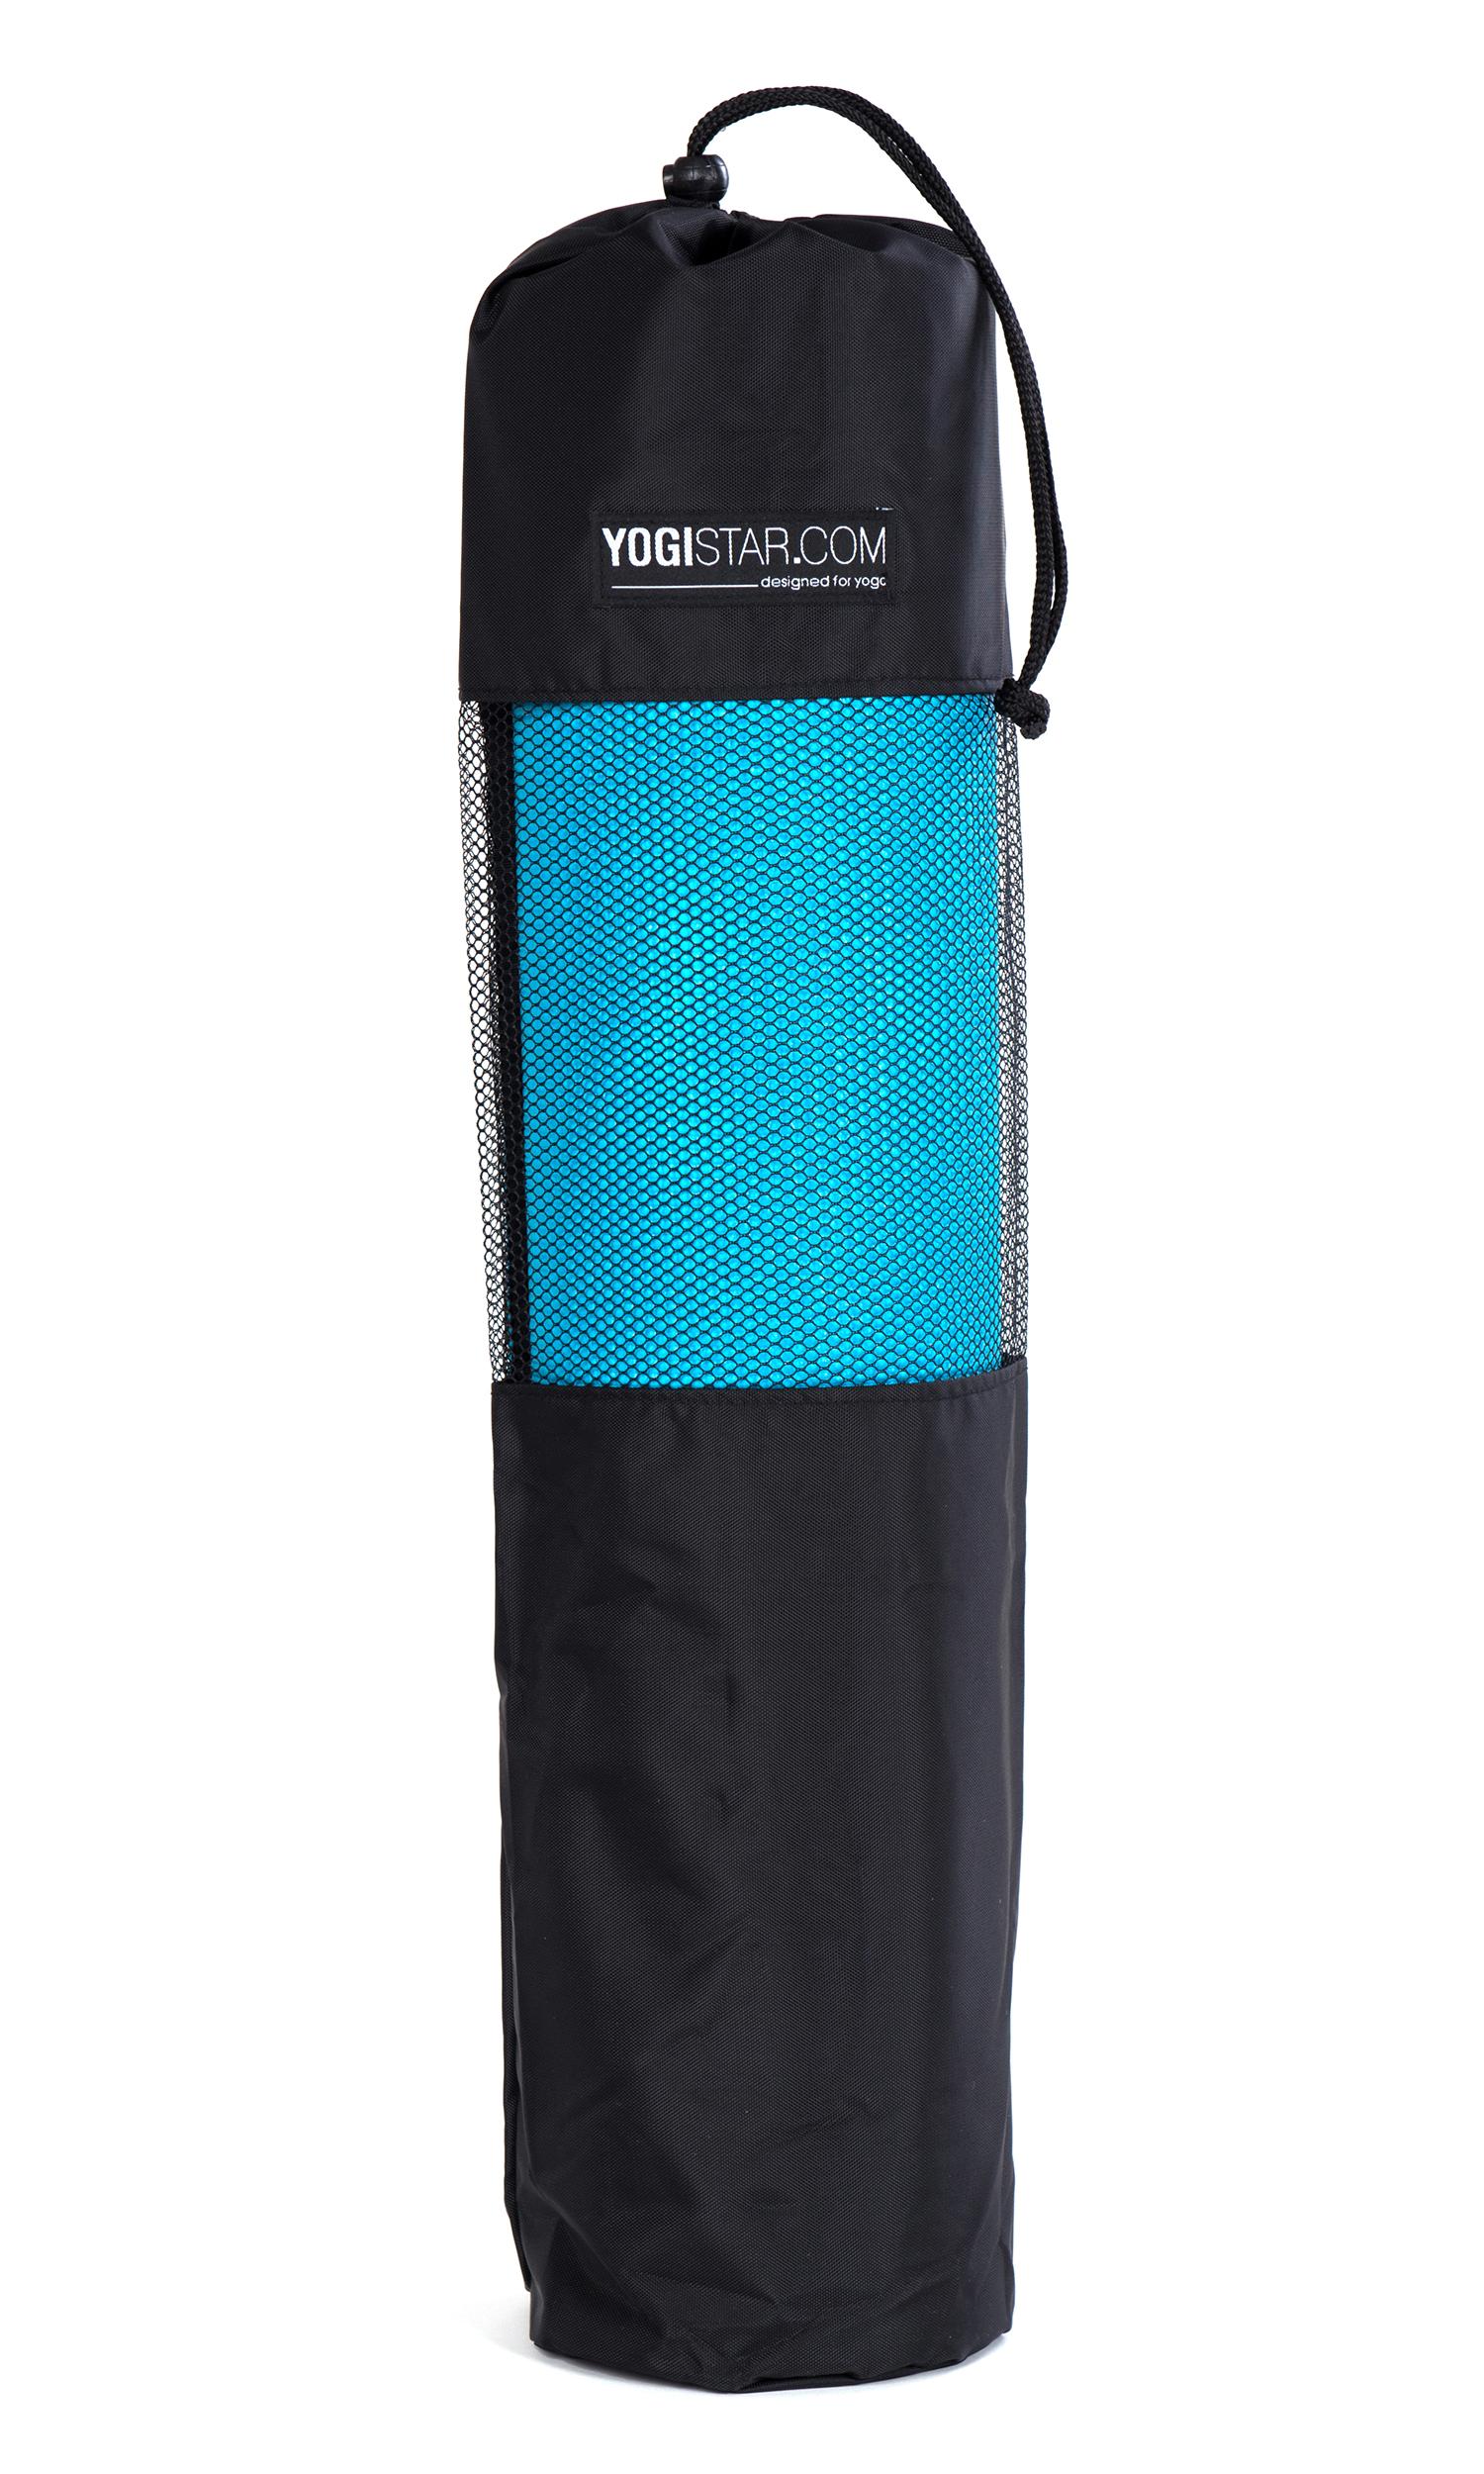 Yoga carrybag basic - nylon net - 65 cm